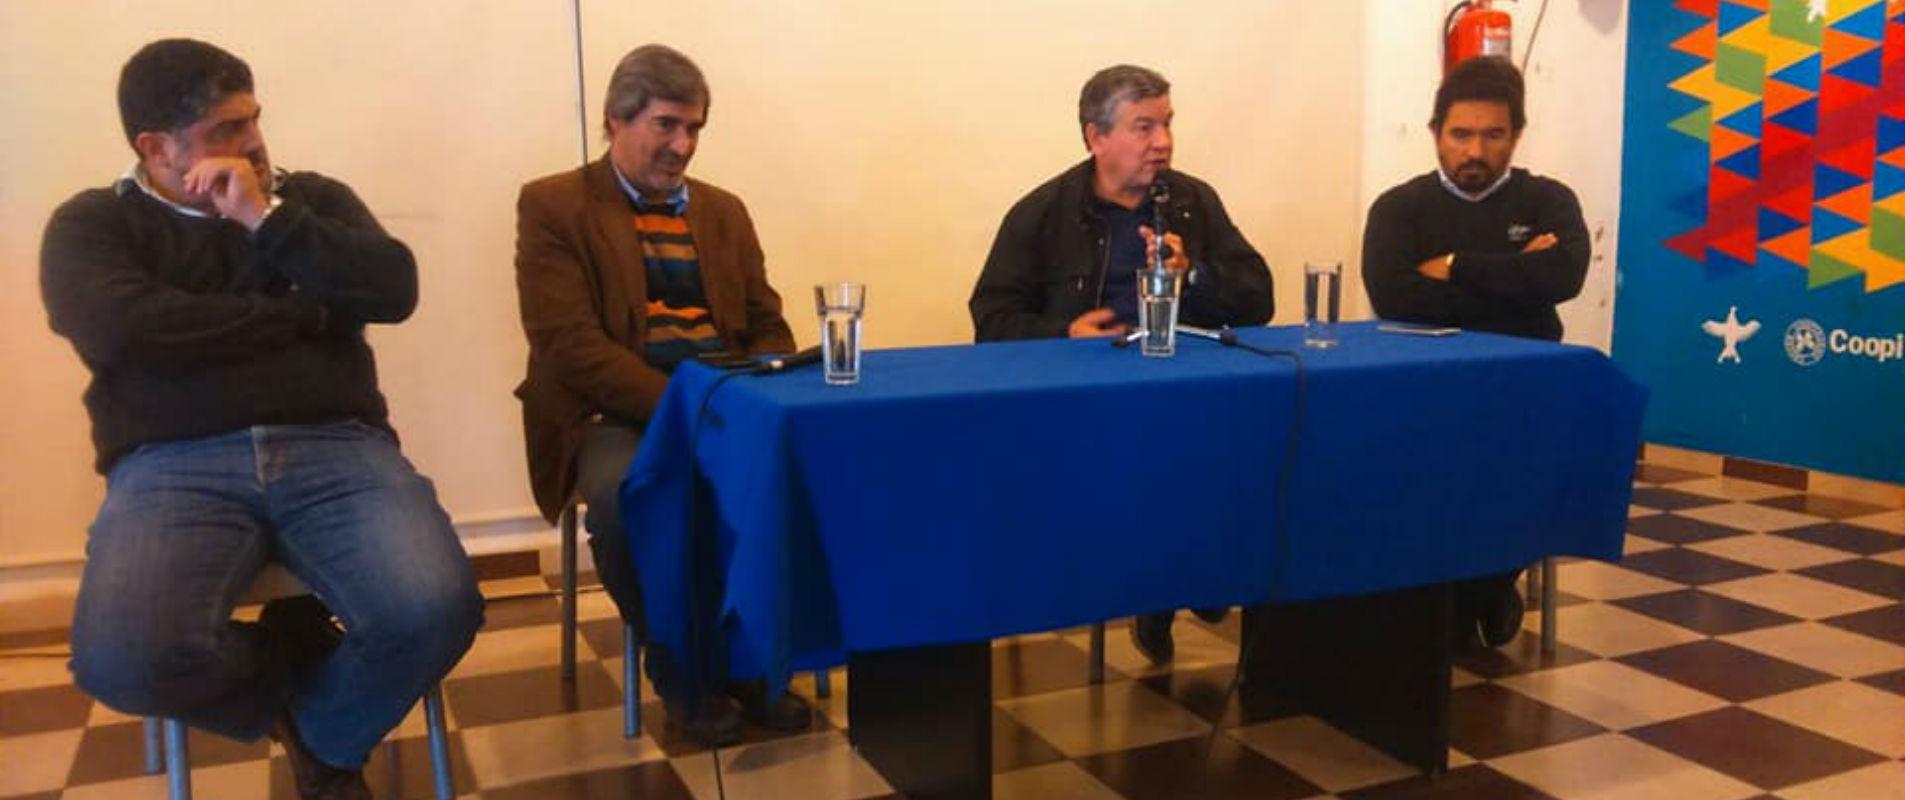 Pedro Wasiejko en la Coopi: